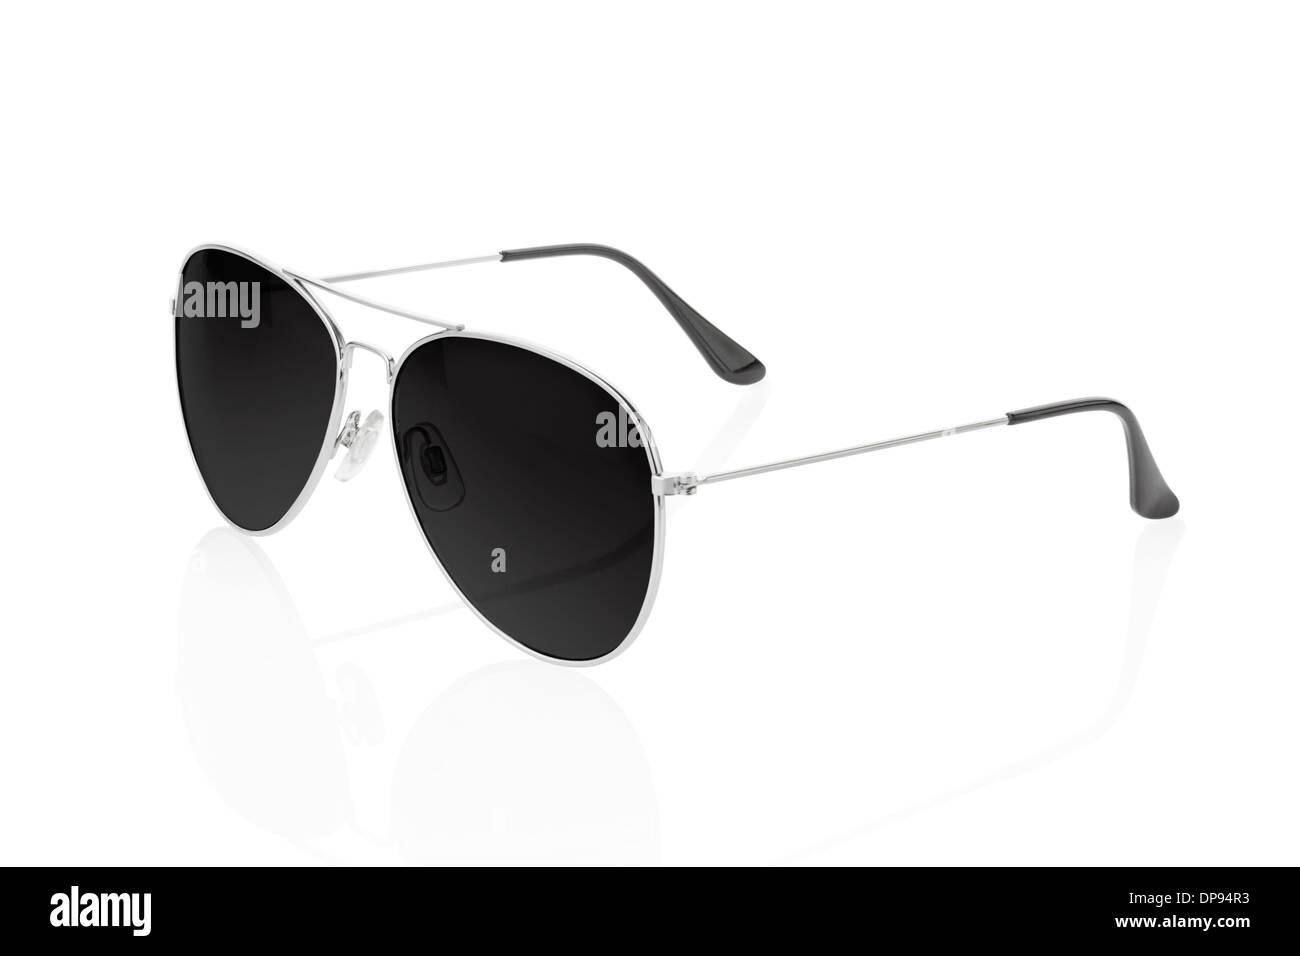 Gafas de sol sobre blanco Imagen De Stock